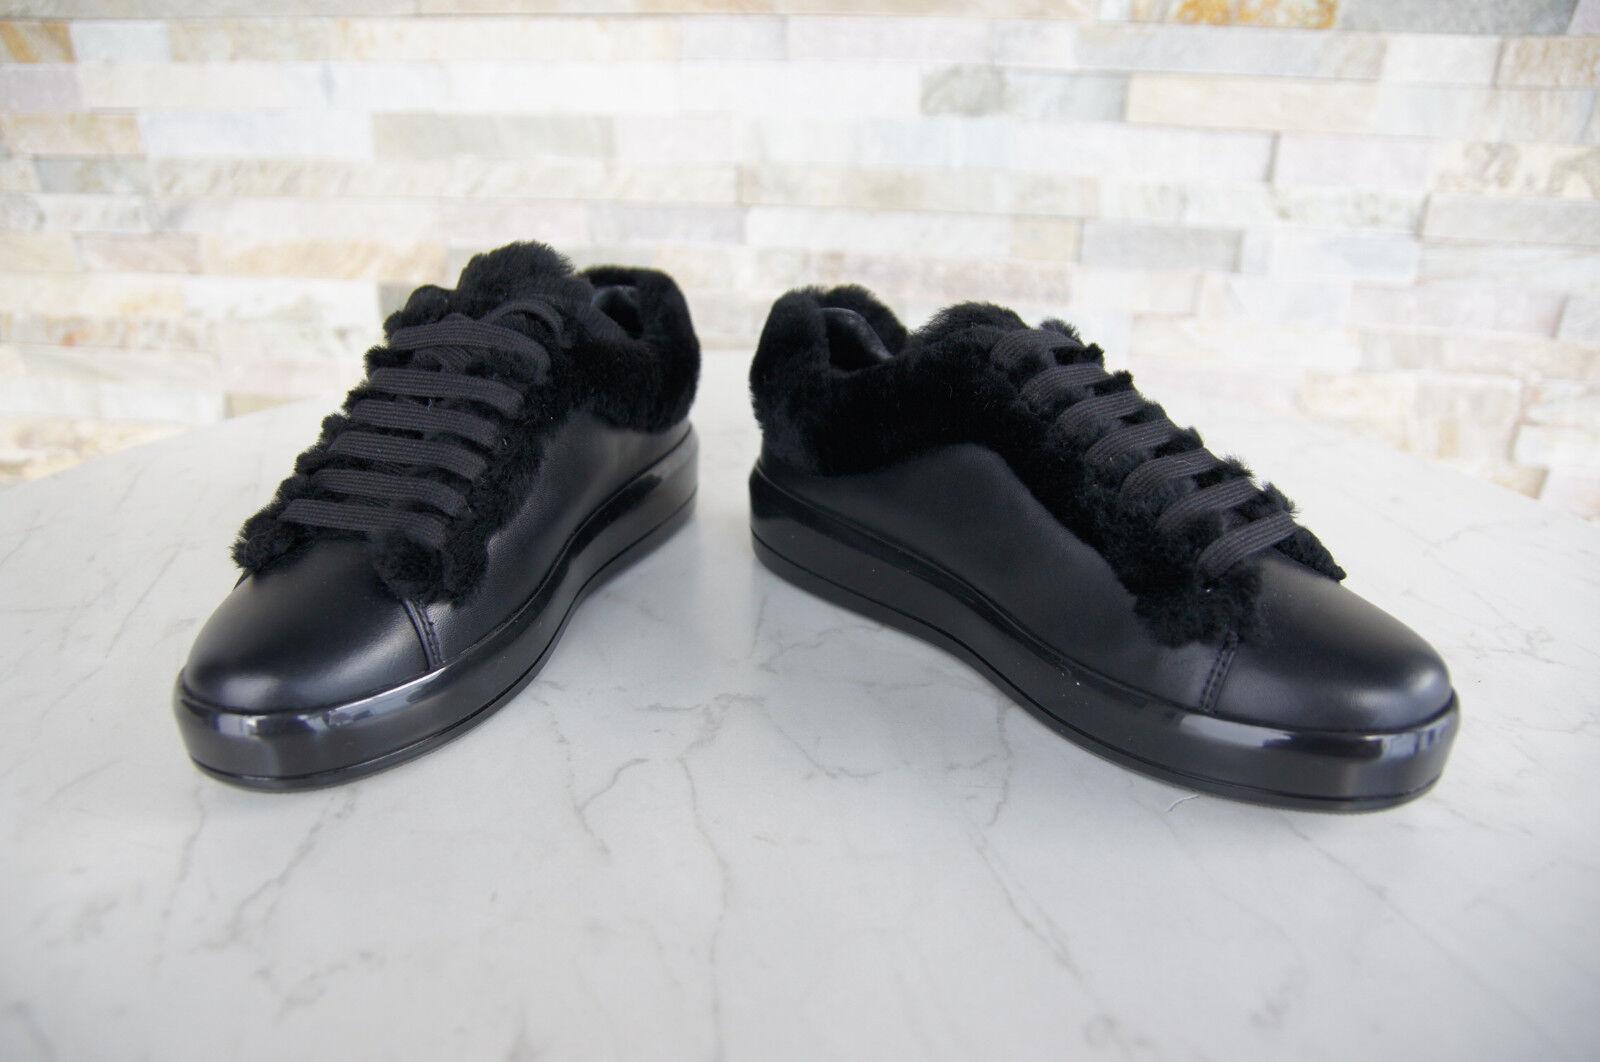 Prada 36,5 Baskets Fourrure Chaussures à Lacets Peau de Mouton Mouton Mouton Noir Neuf a7f683